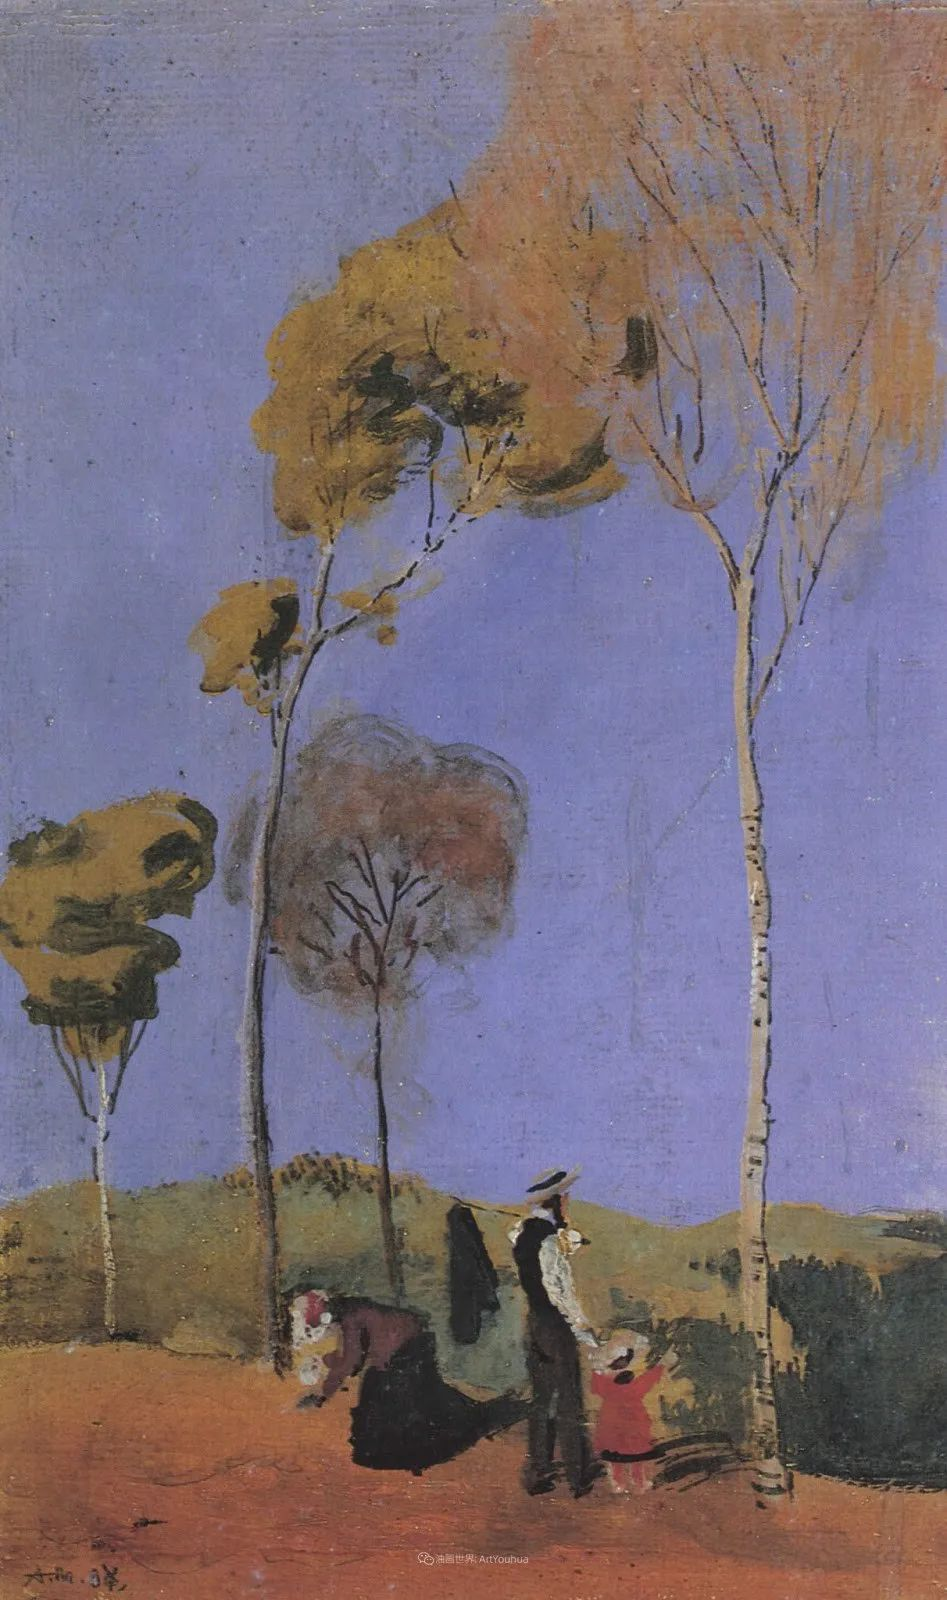 画面色彩的力量,德国表现主义画家奥古斯特·马克插图71